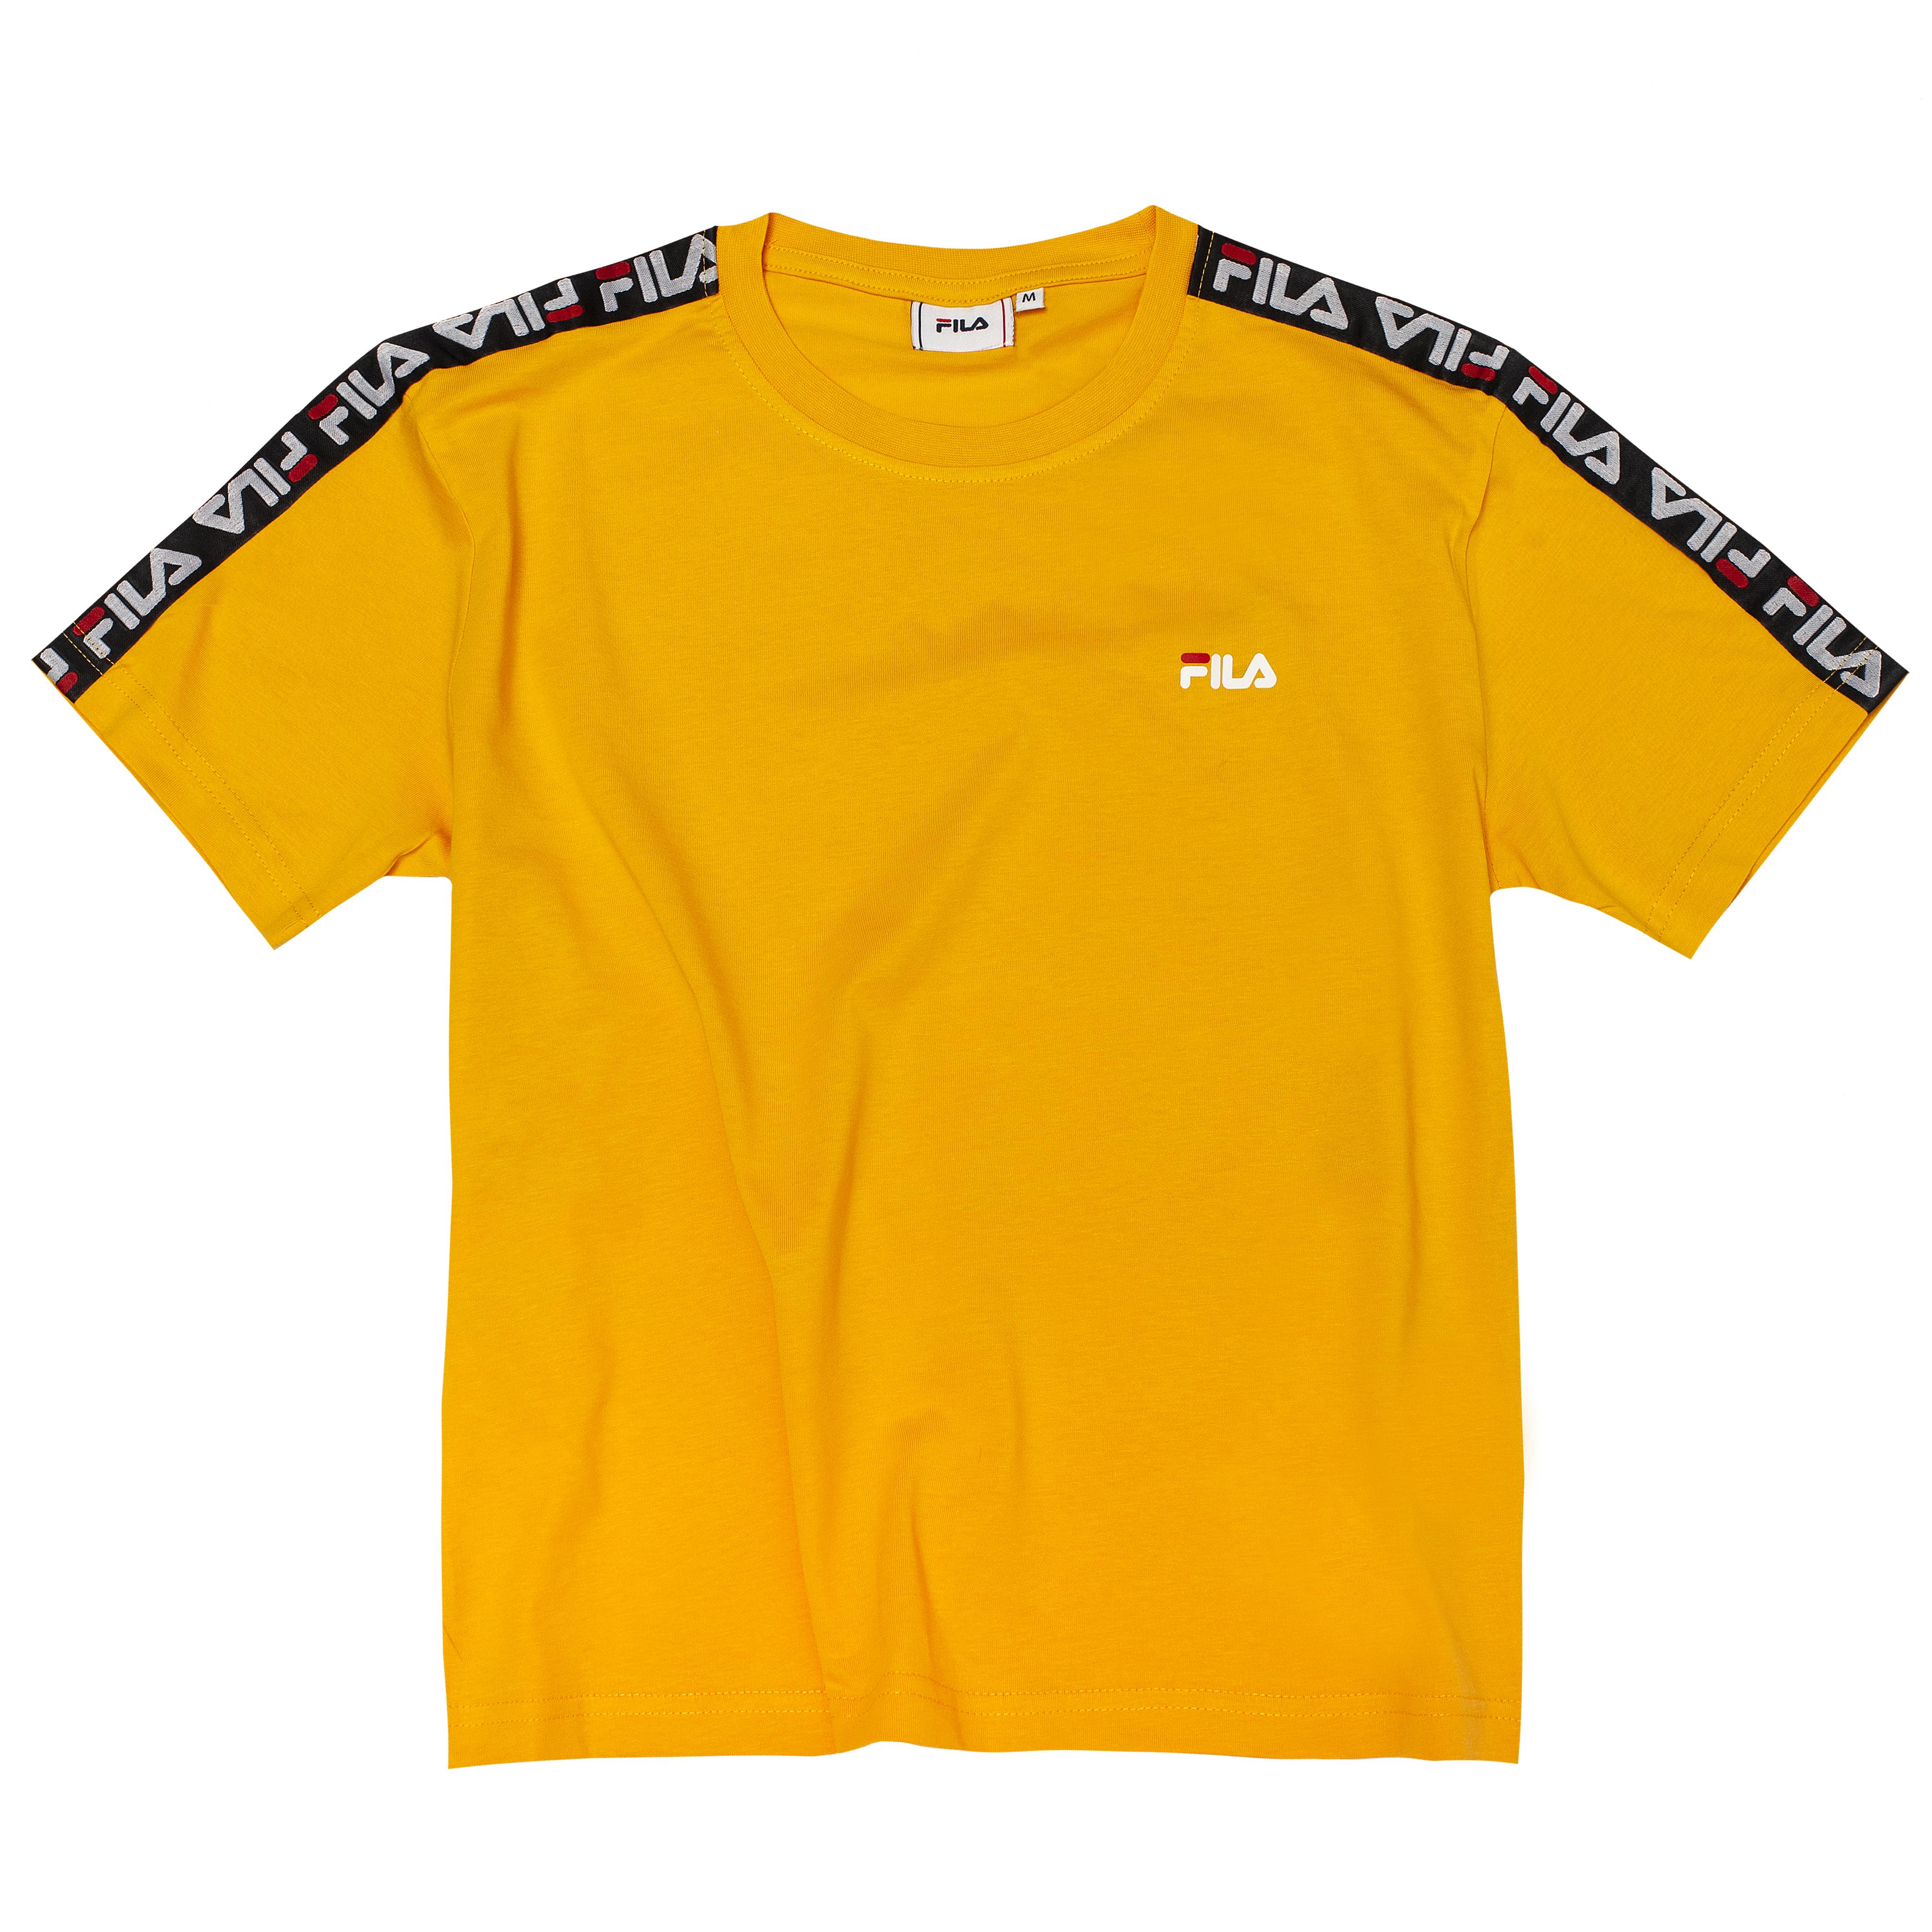 Fila Adalmiina T shirt Wmn (citrus)